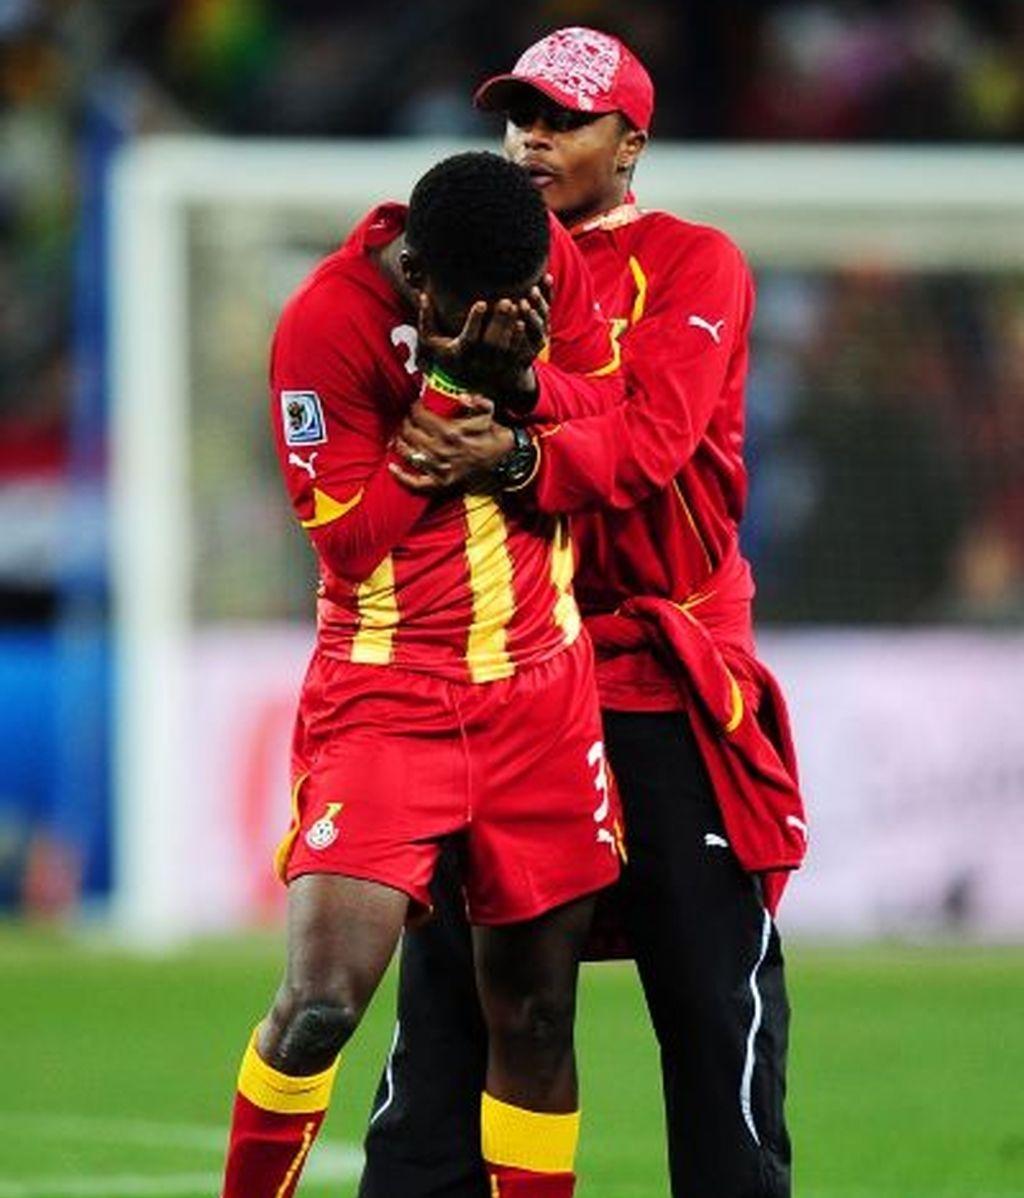 Ghana pudo conseguir la victoria en el último minuto de la prórroga. Vídeo: Informativos Telecinco.